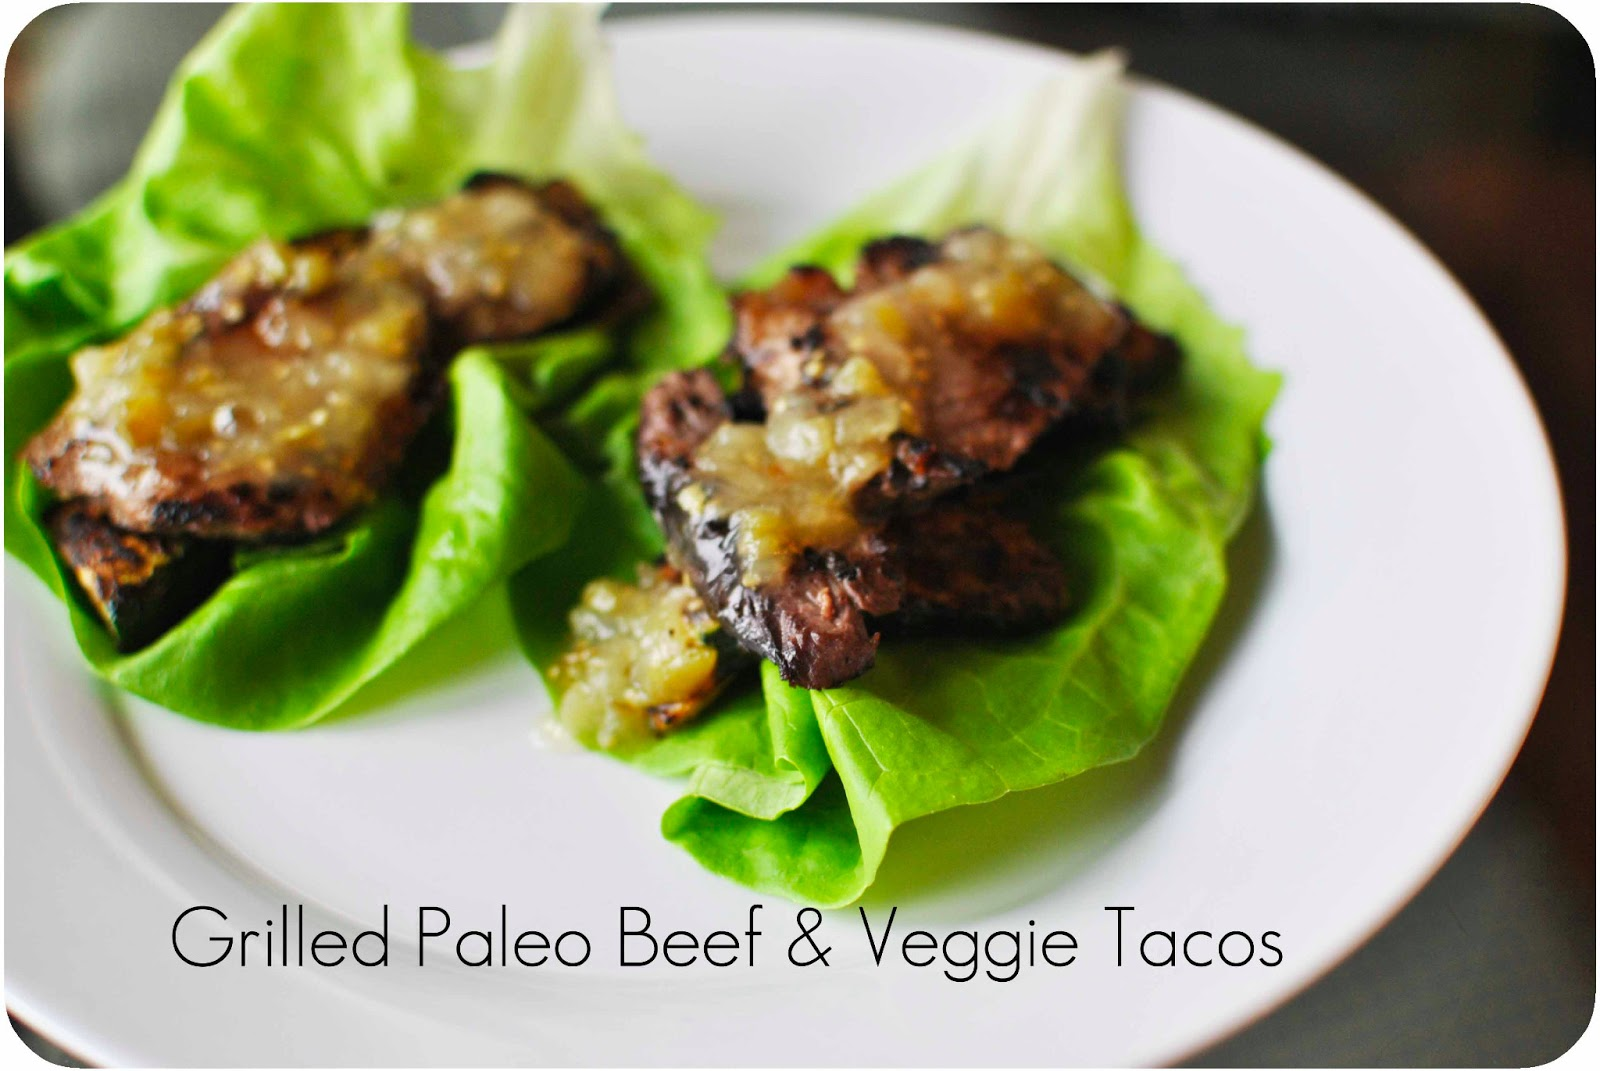 Grilled Paleo Tacos